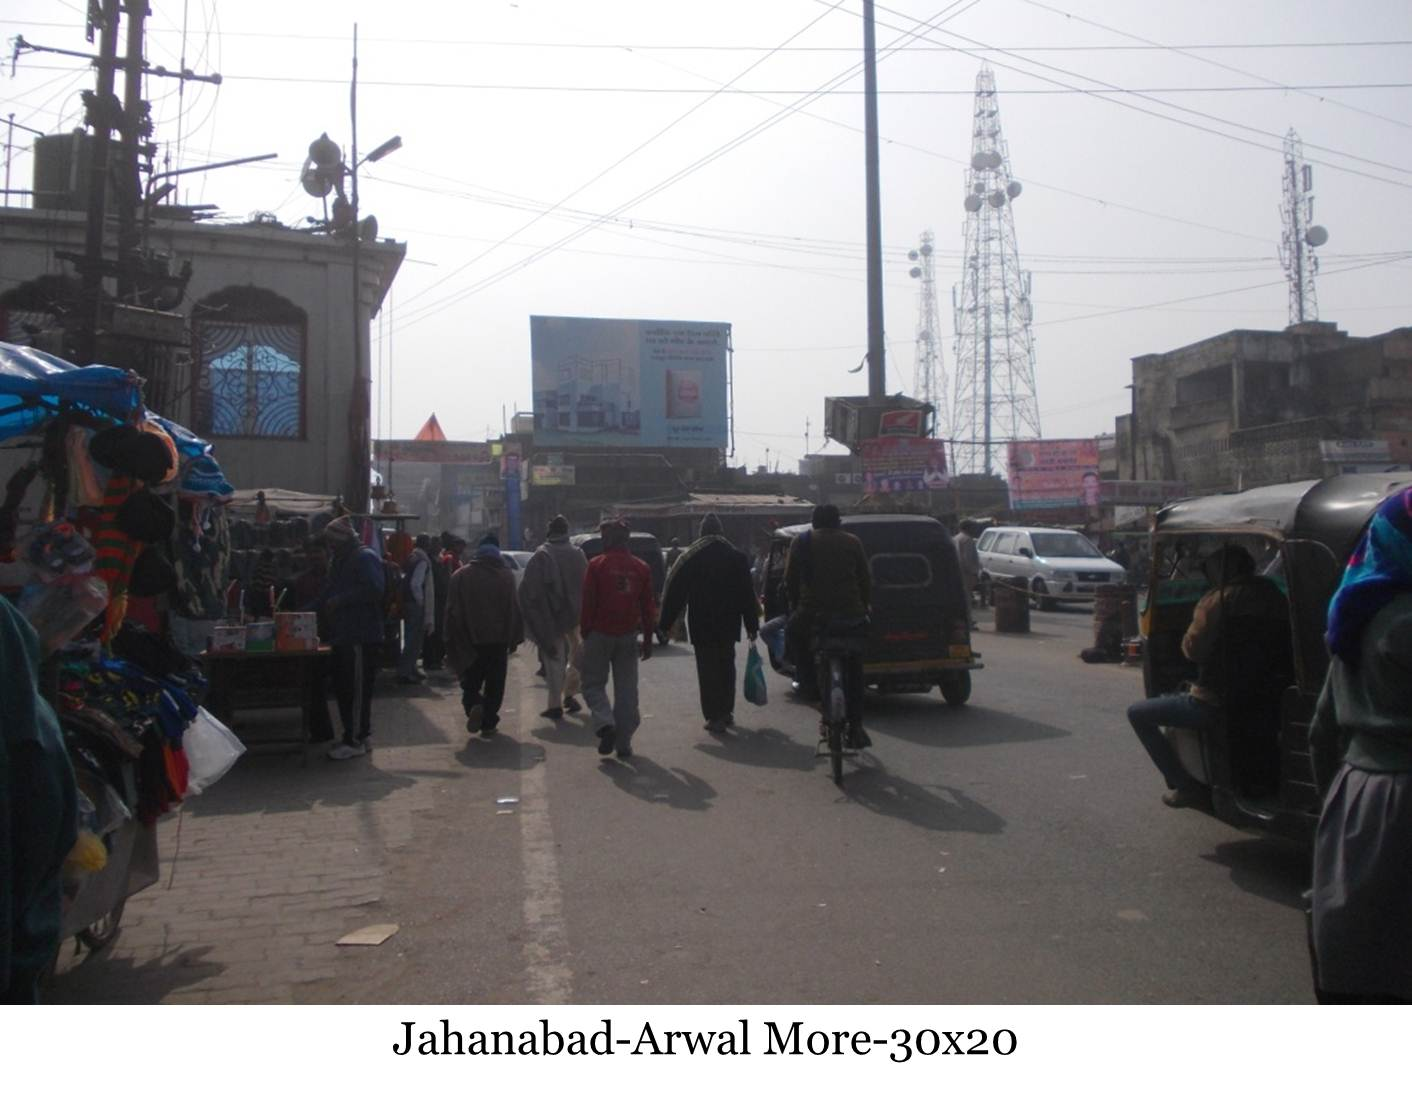 Arwal More, Jahanabad